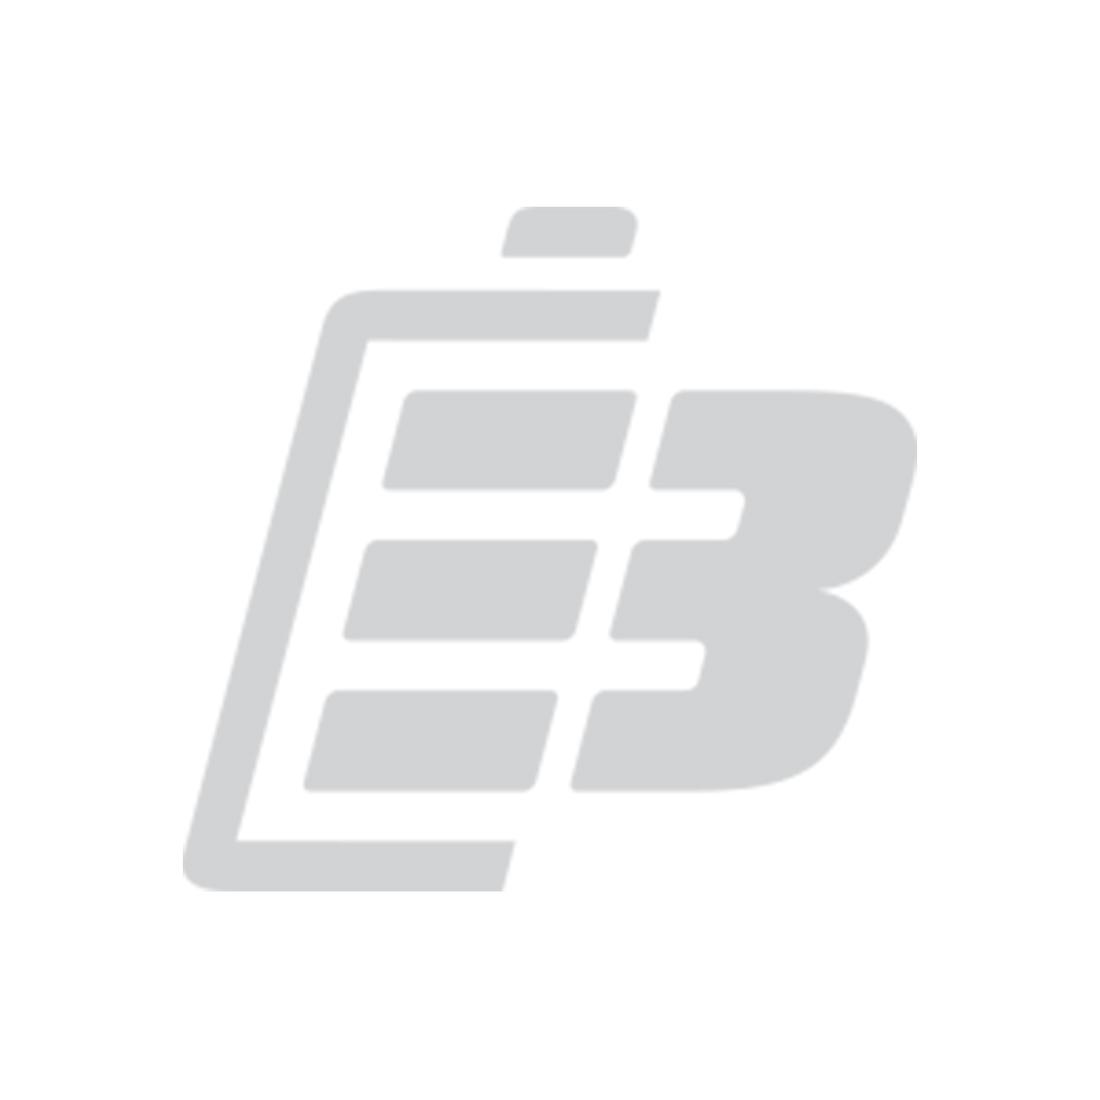 Camera battery Nikon EN-EL18_1